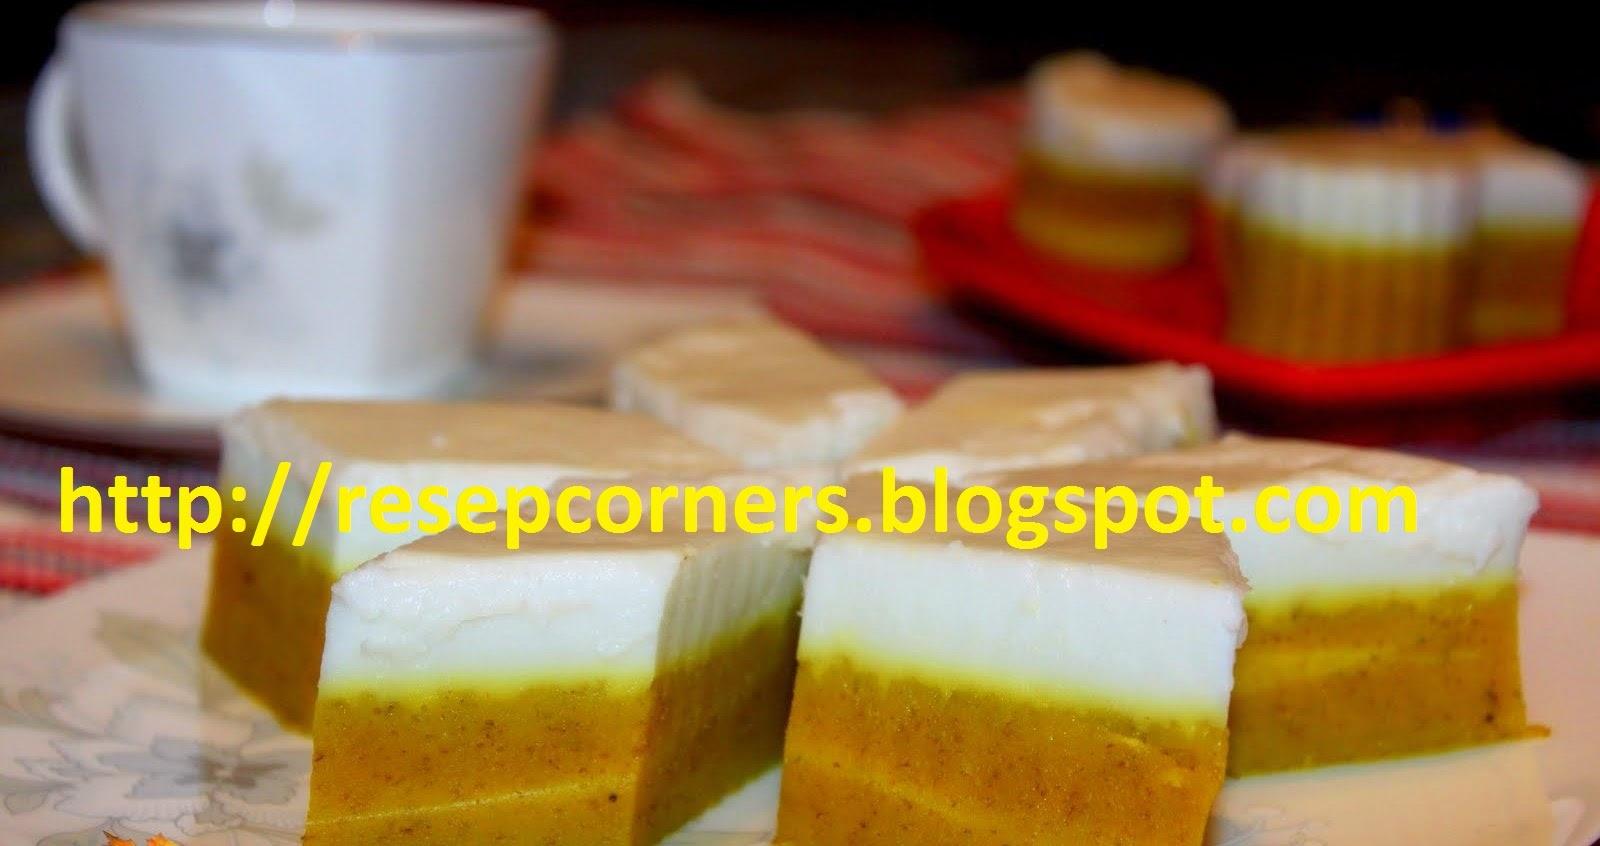 Resep Kue Talam Jtt: Resep Cara Membuat Kue Talam Pisang Sederhana